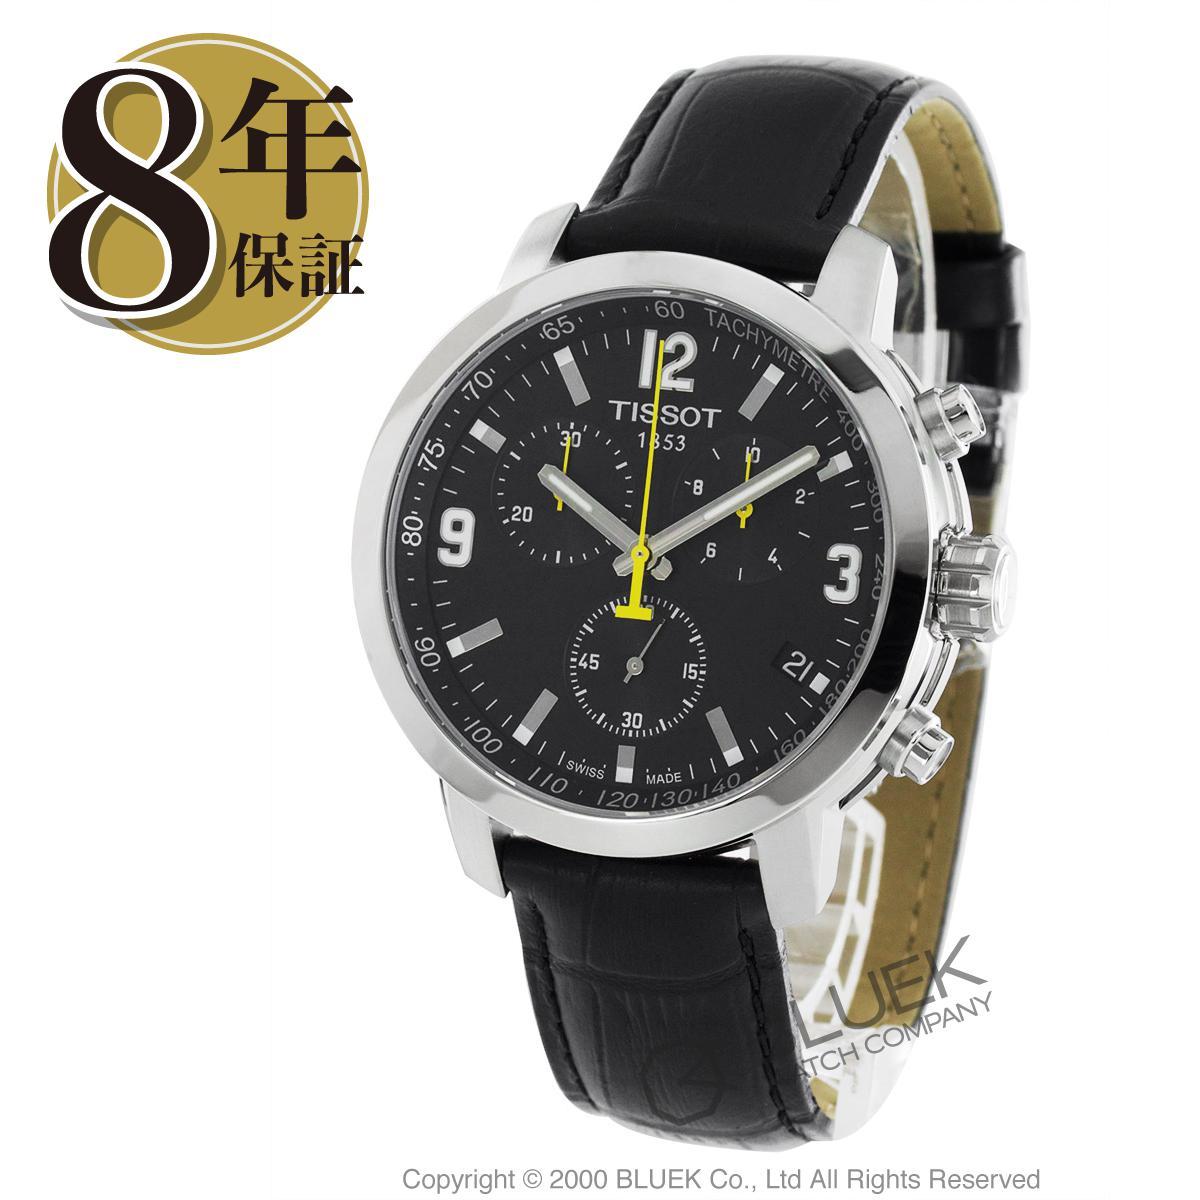 ティソ T-スポーツ PRC200 クロノグラフ 腕時計 メンズ TISSOT T055.417.16.057.00_8 バーゲン ギフト プレゼント